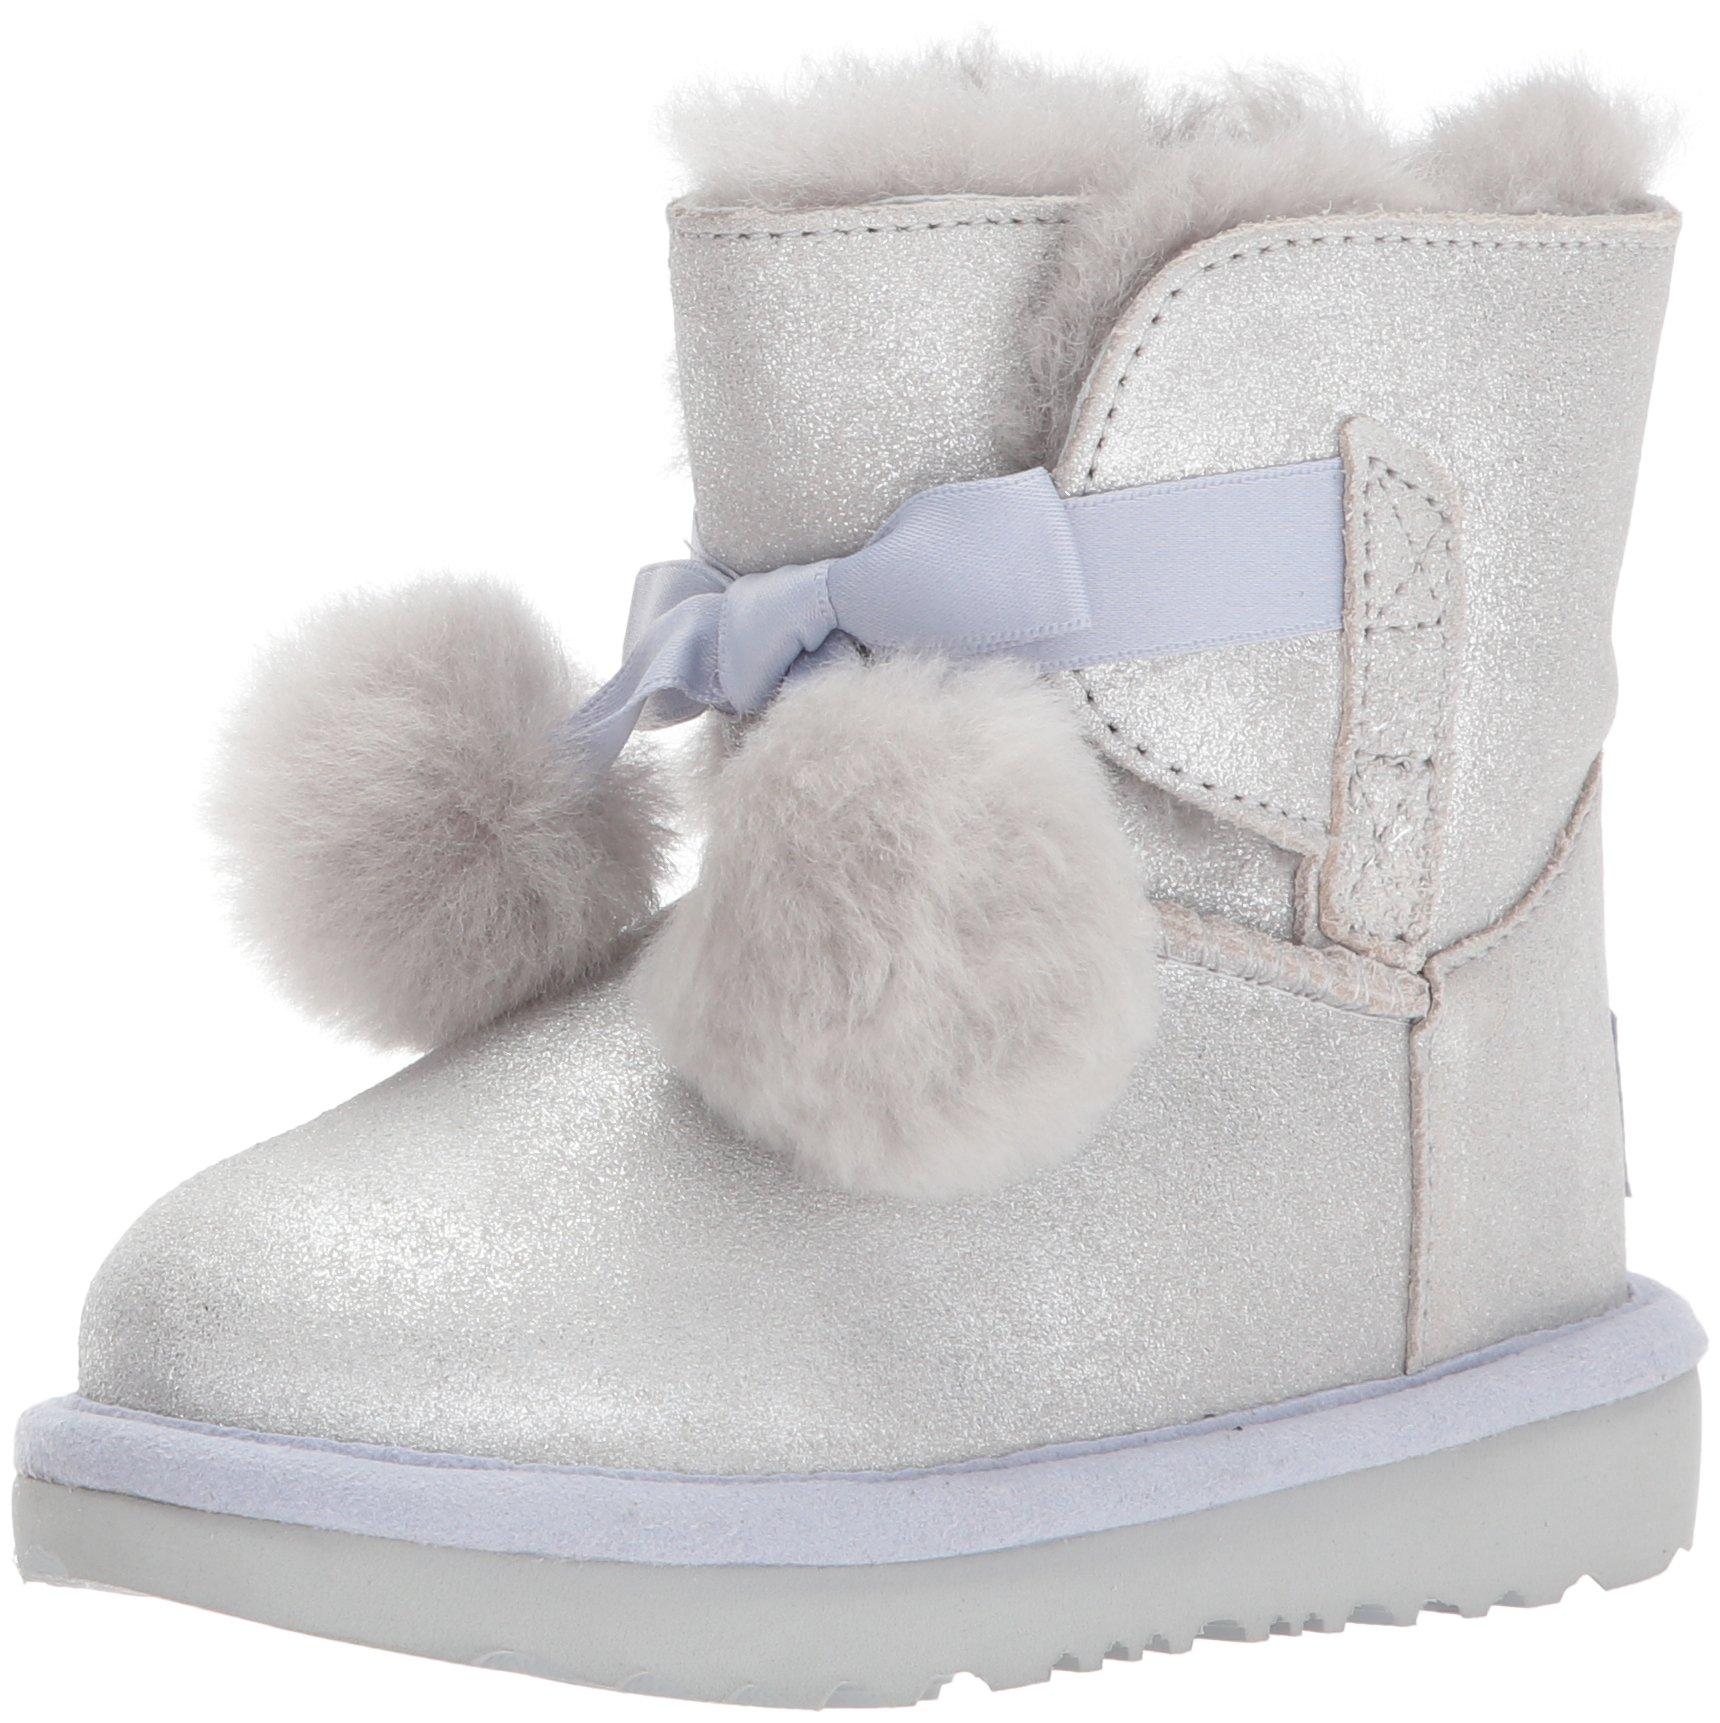 UGG Girls T Gita Metallic Pull-On Boot, Silver, 7 M US Toddler